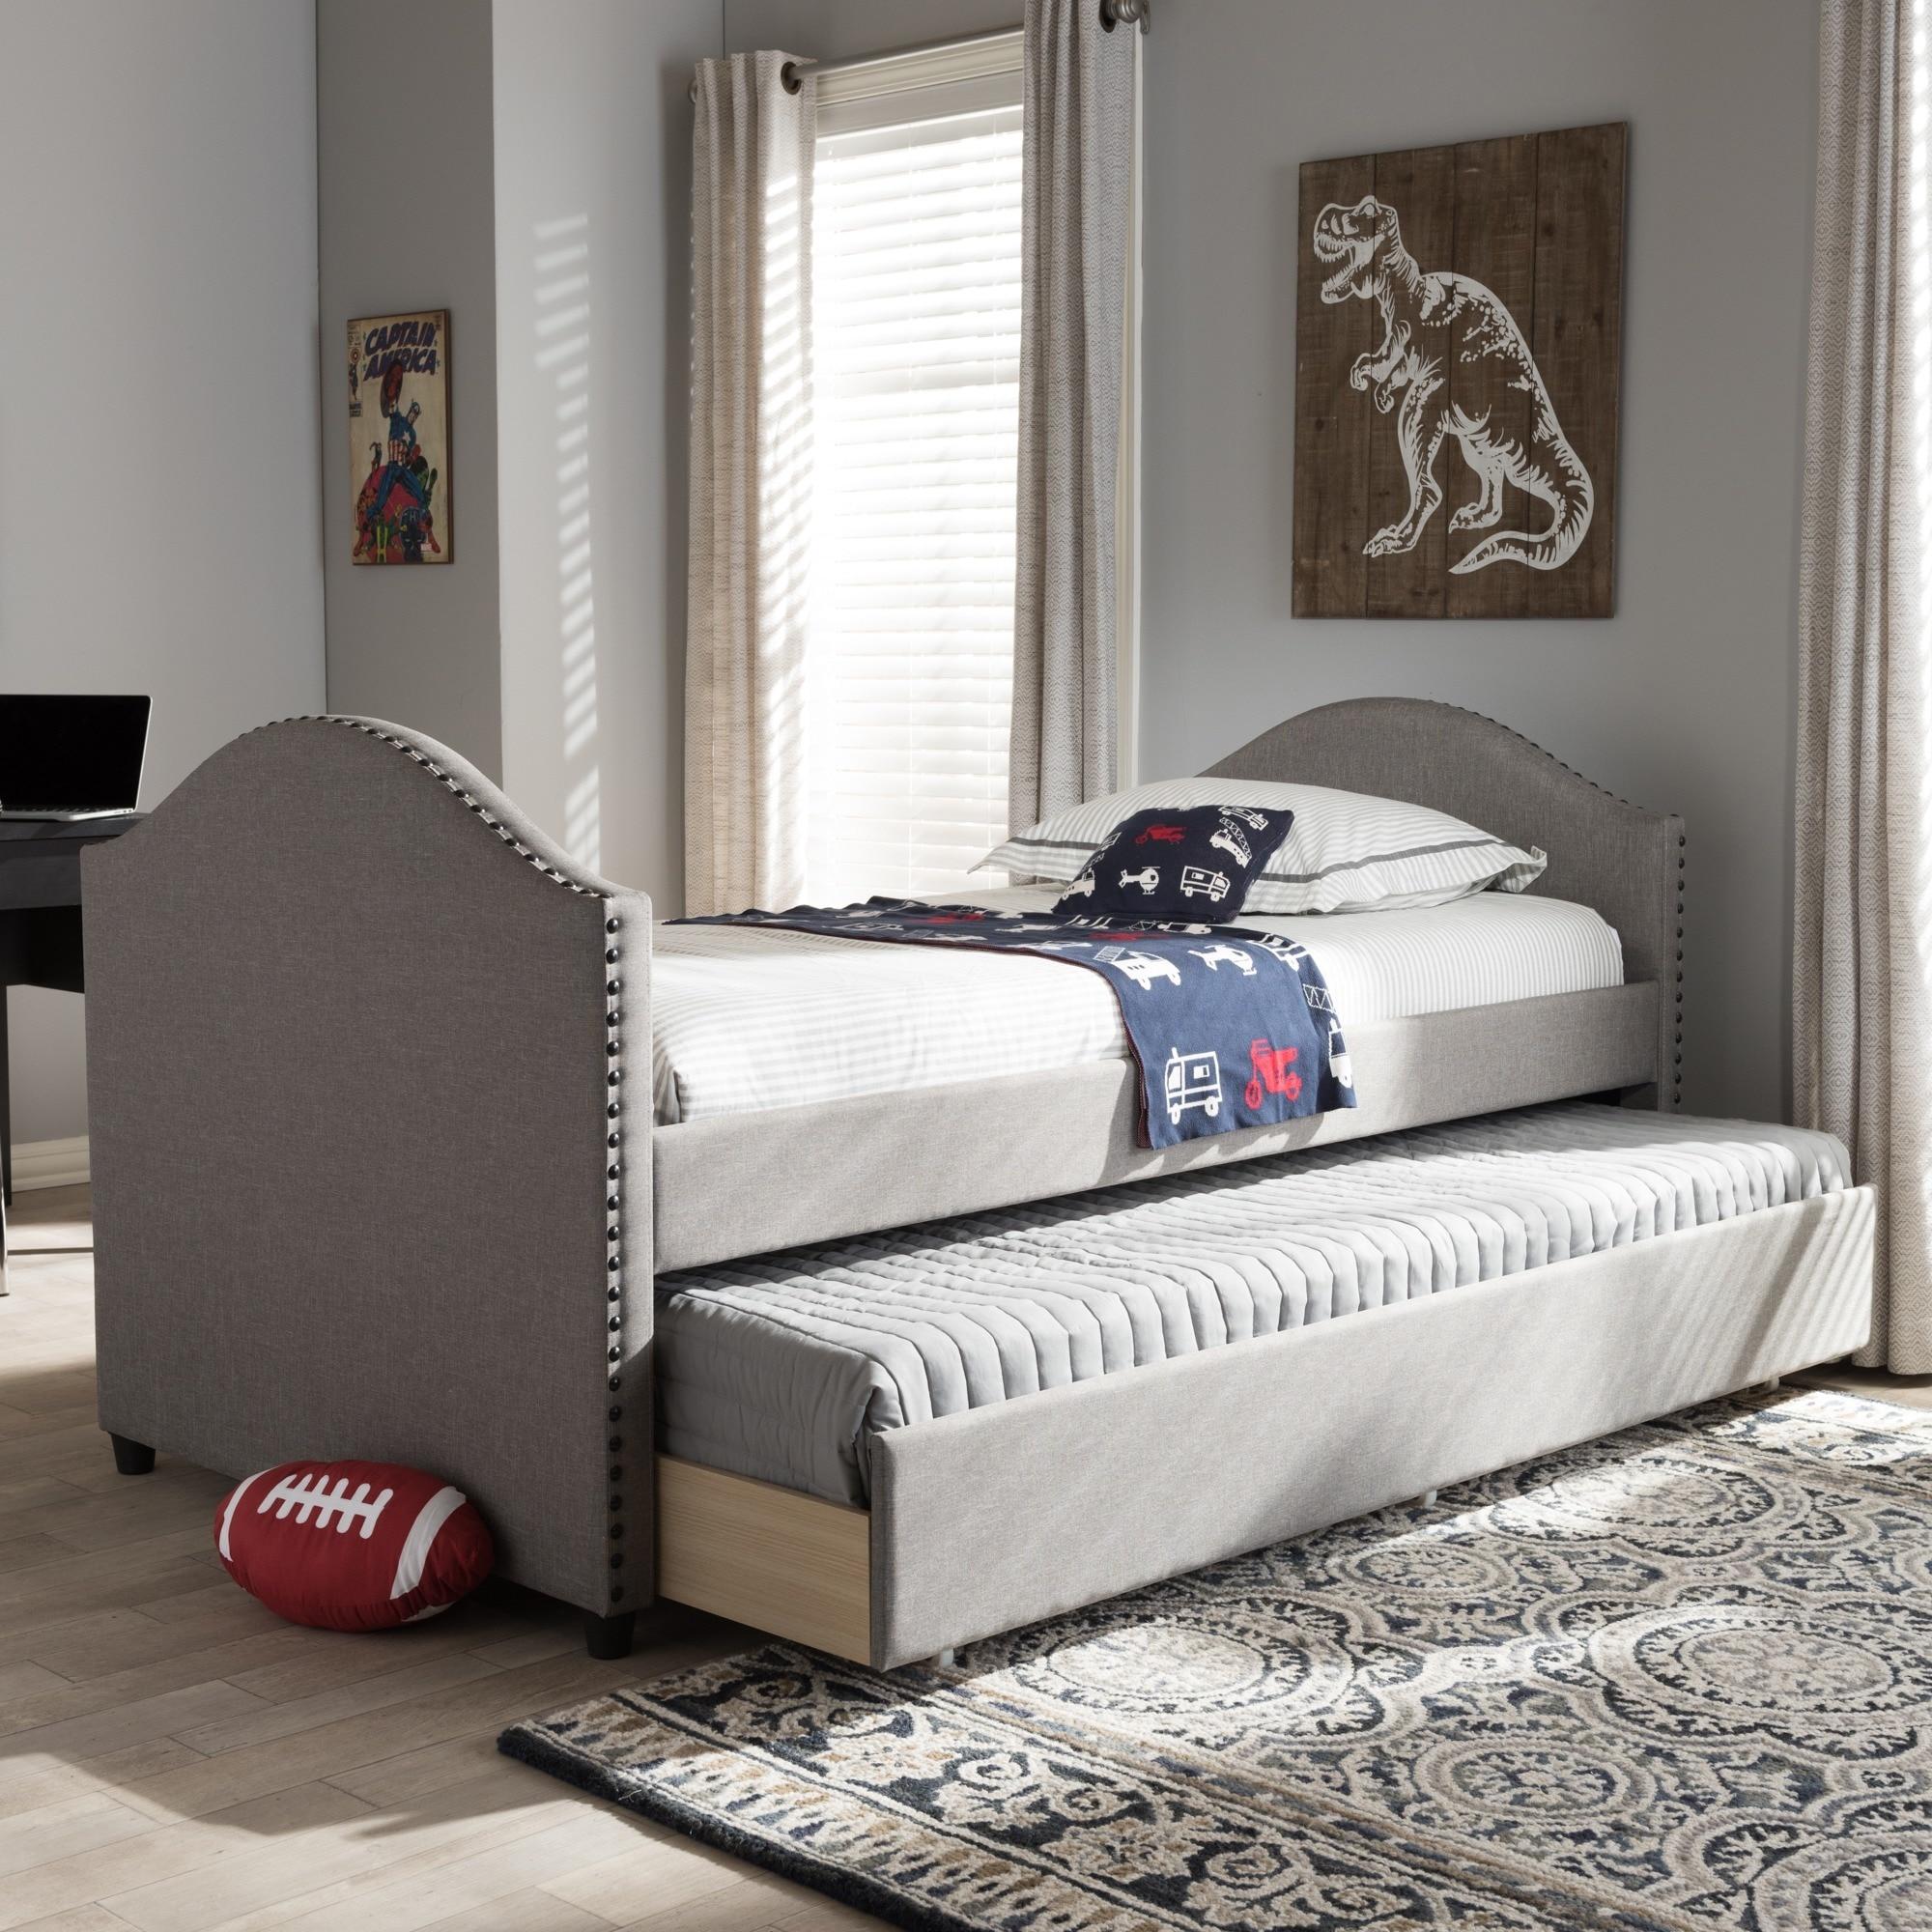 baxton studio kleisthenes modern upholstered daybed with guest trundle bed ebay. Black Bedroom Furniture Sets. Home Design Ideas